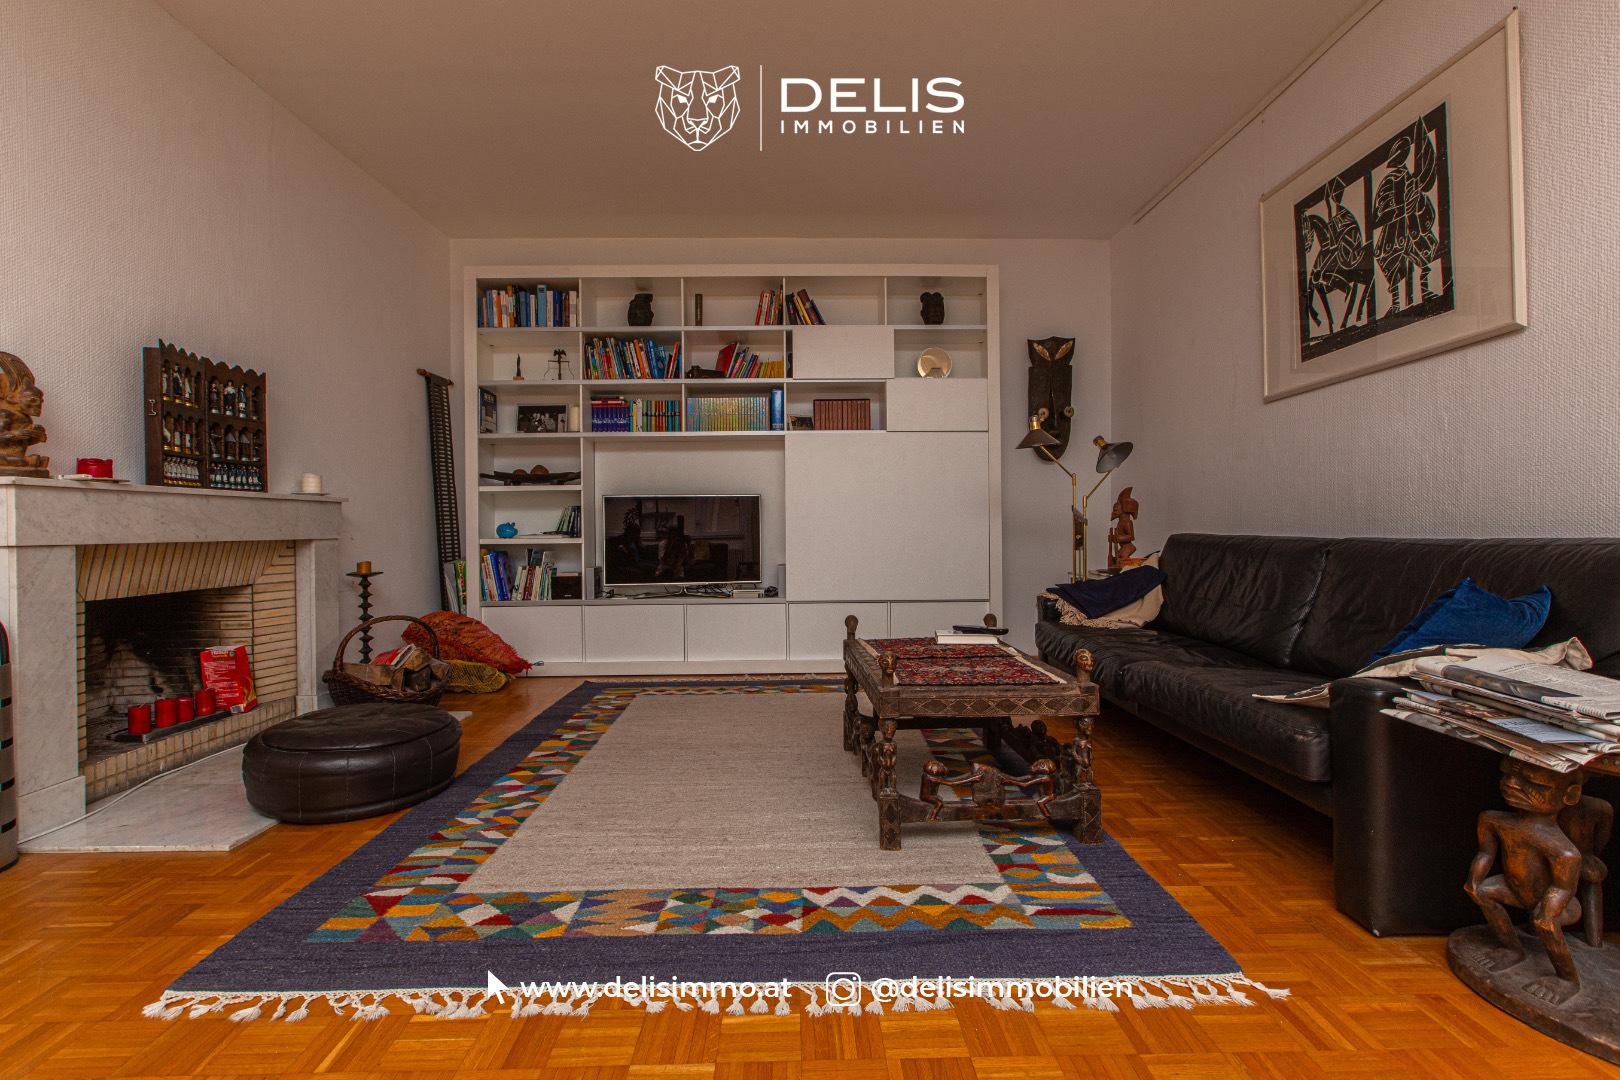 Delis_Vorlage_109038